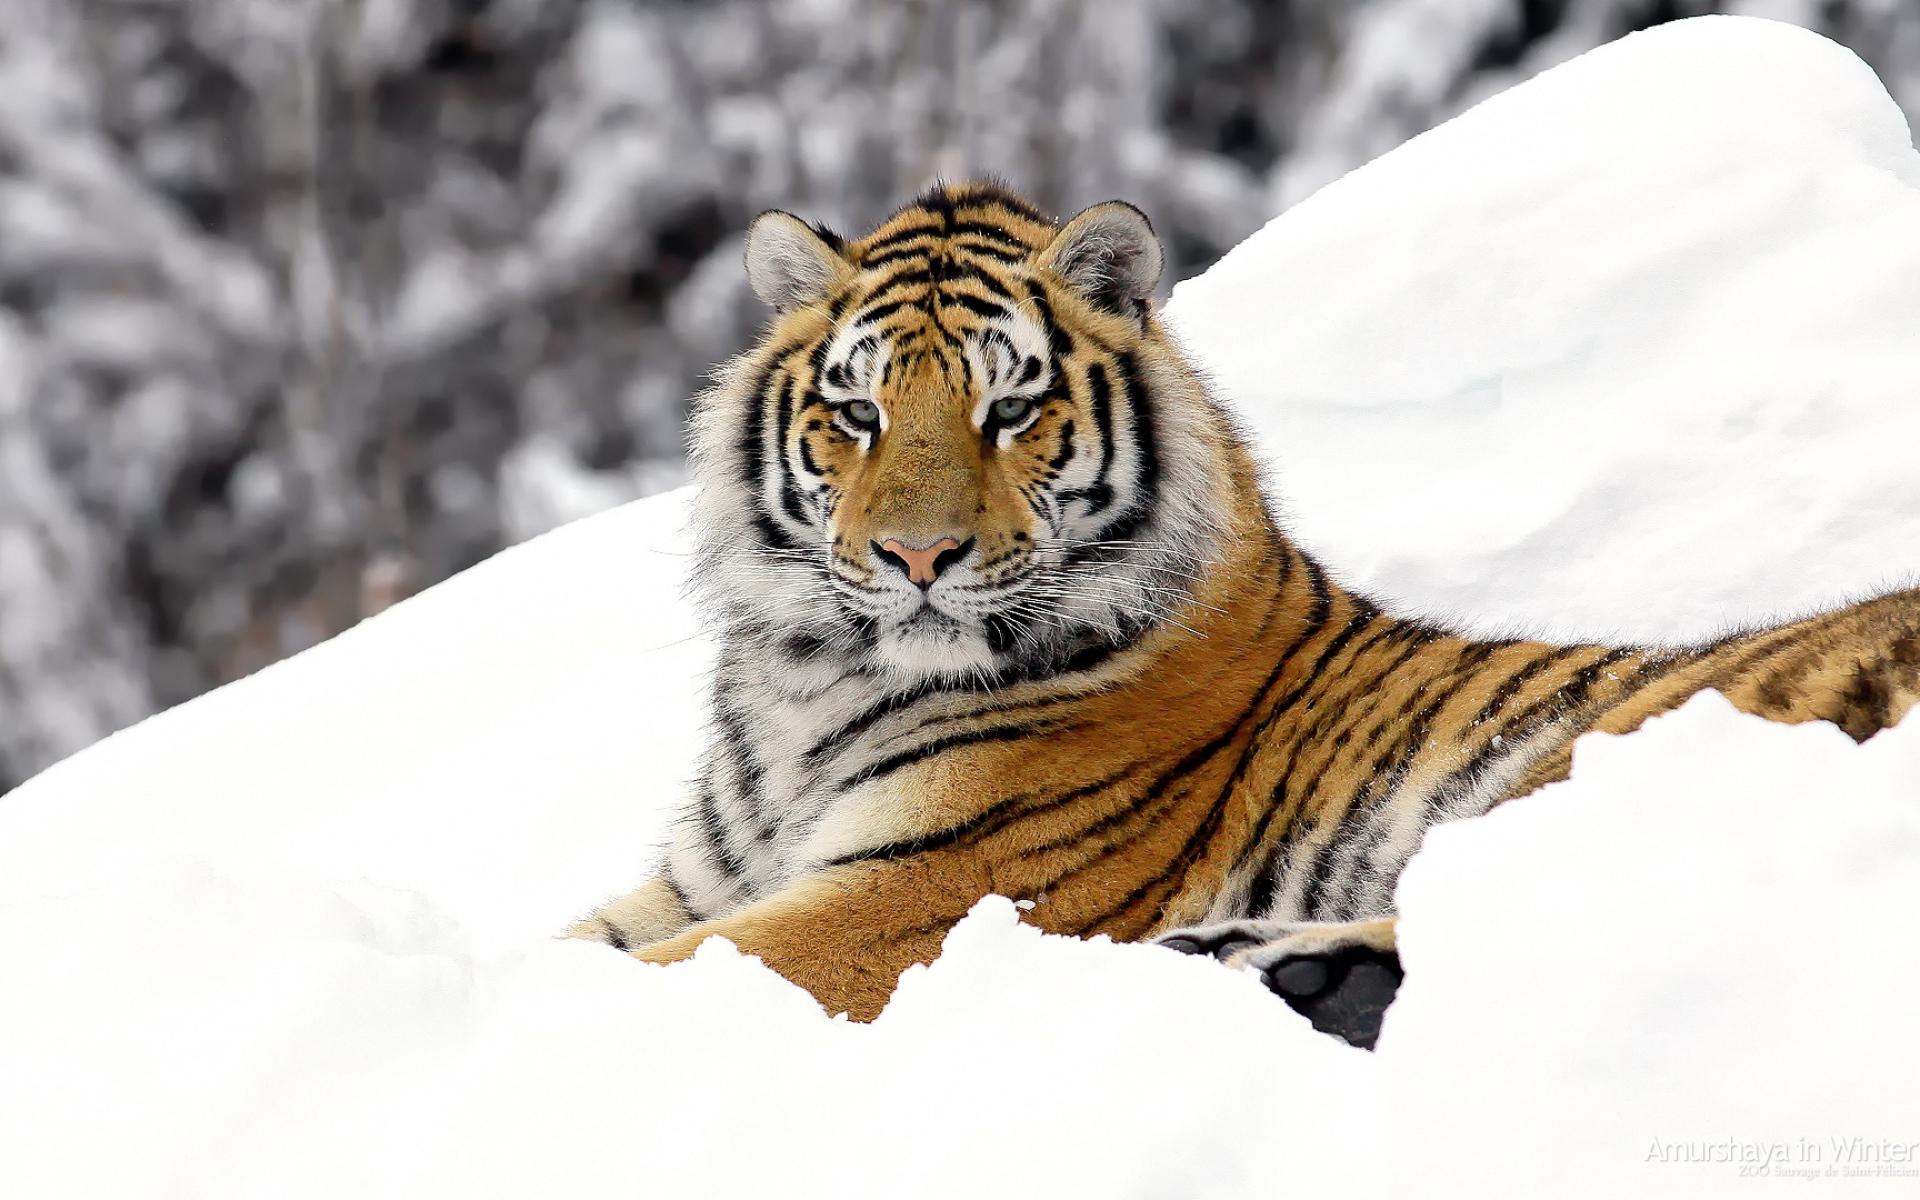 природа животные снег зима ягуар скачать